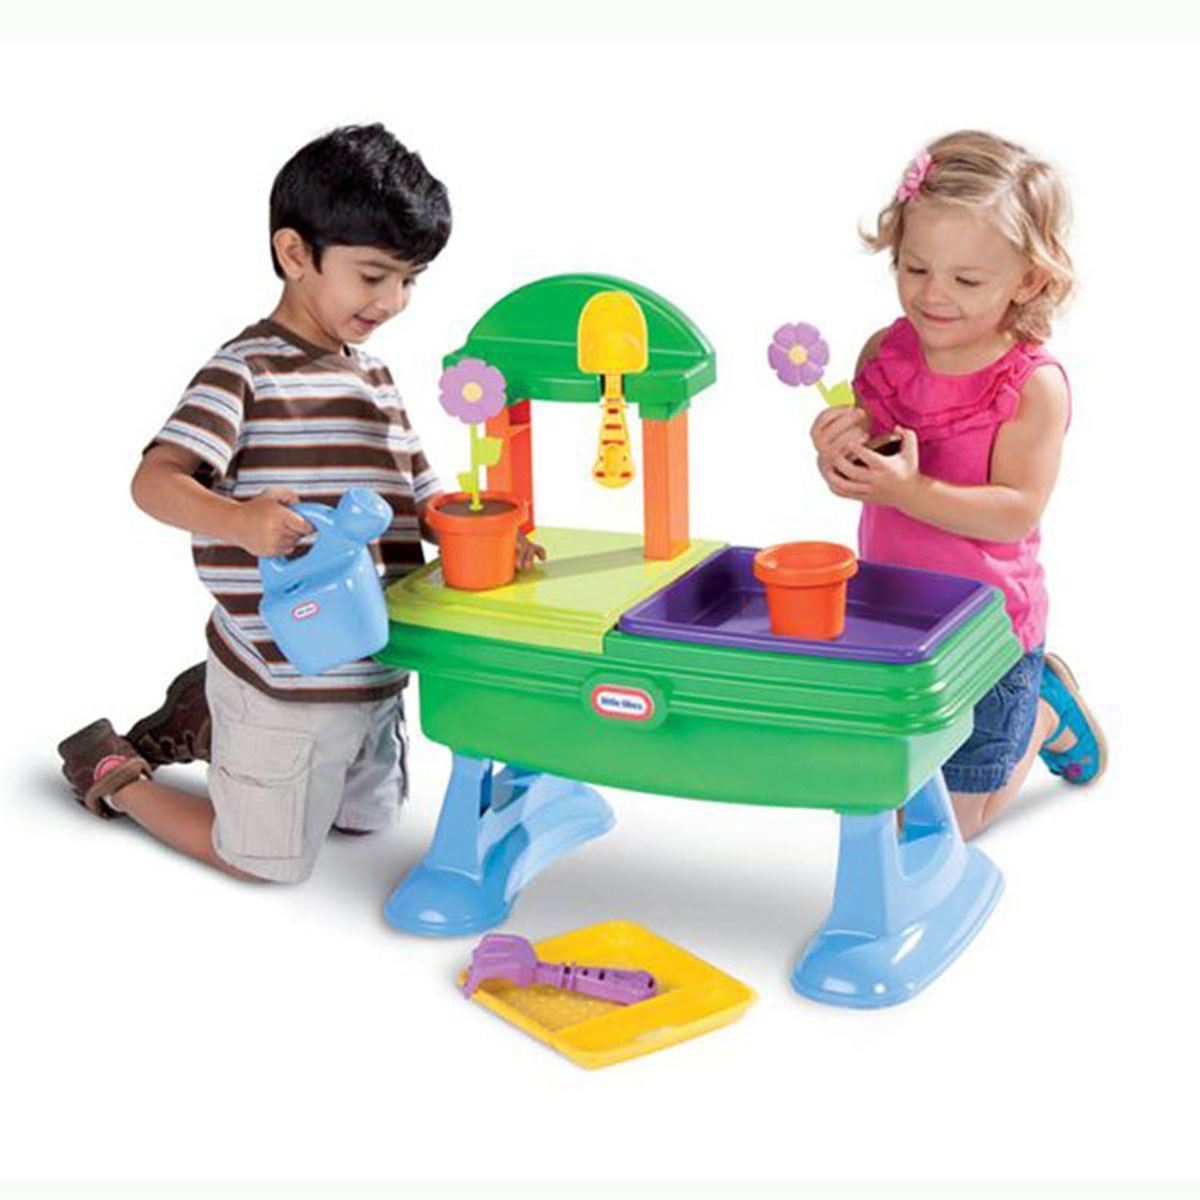 Купить Игровой стол-песочница Little Tikes Юный садовод , MGA Entertainment, Игрушки для песочницы